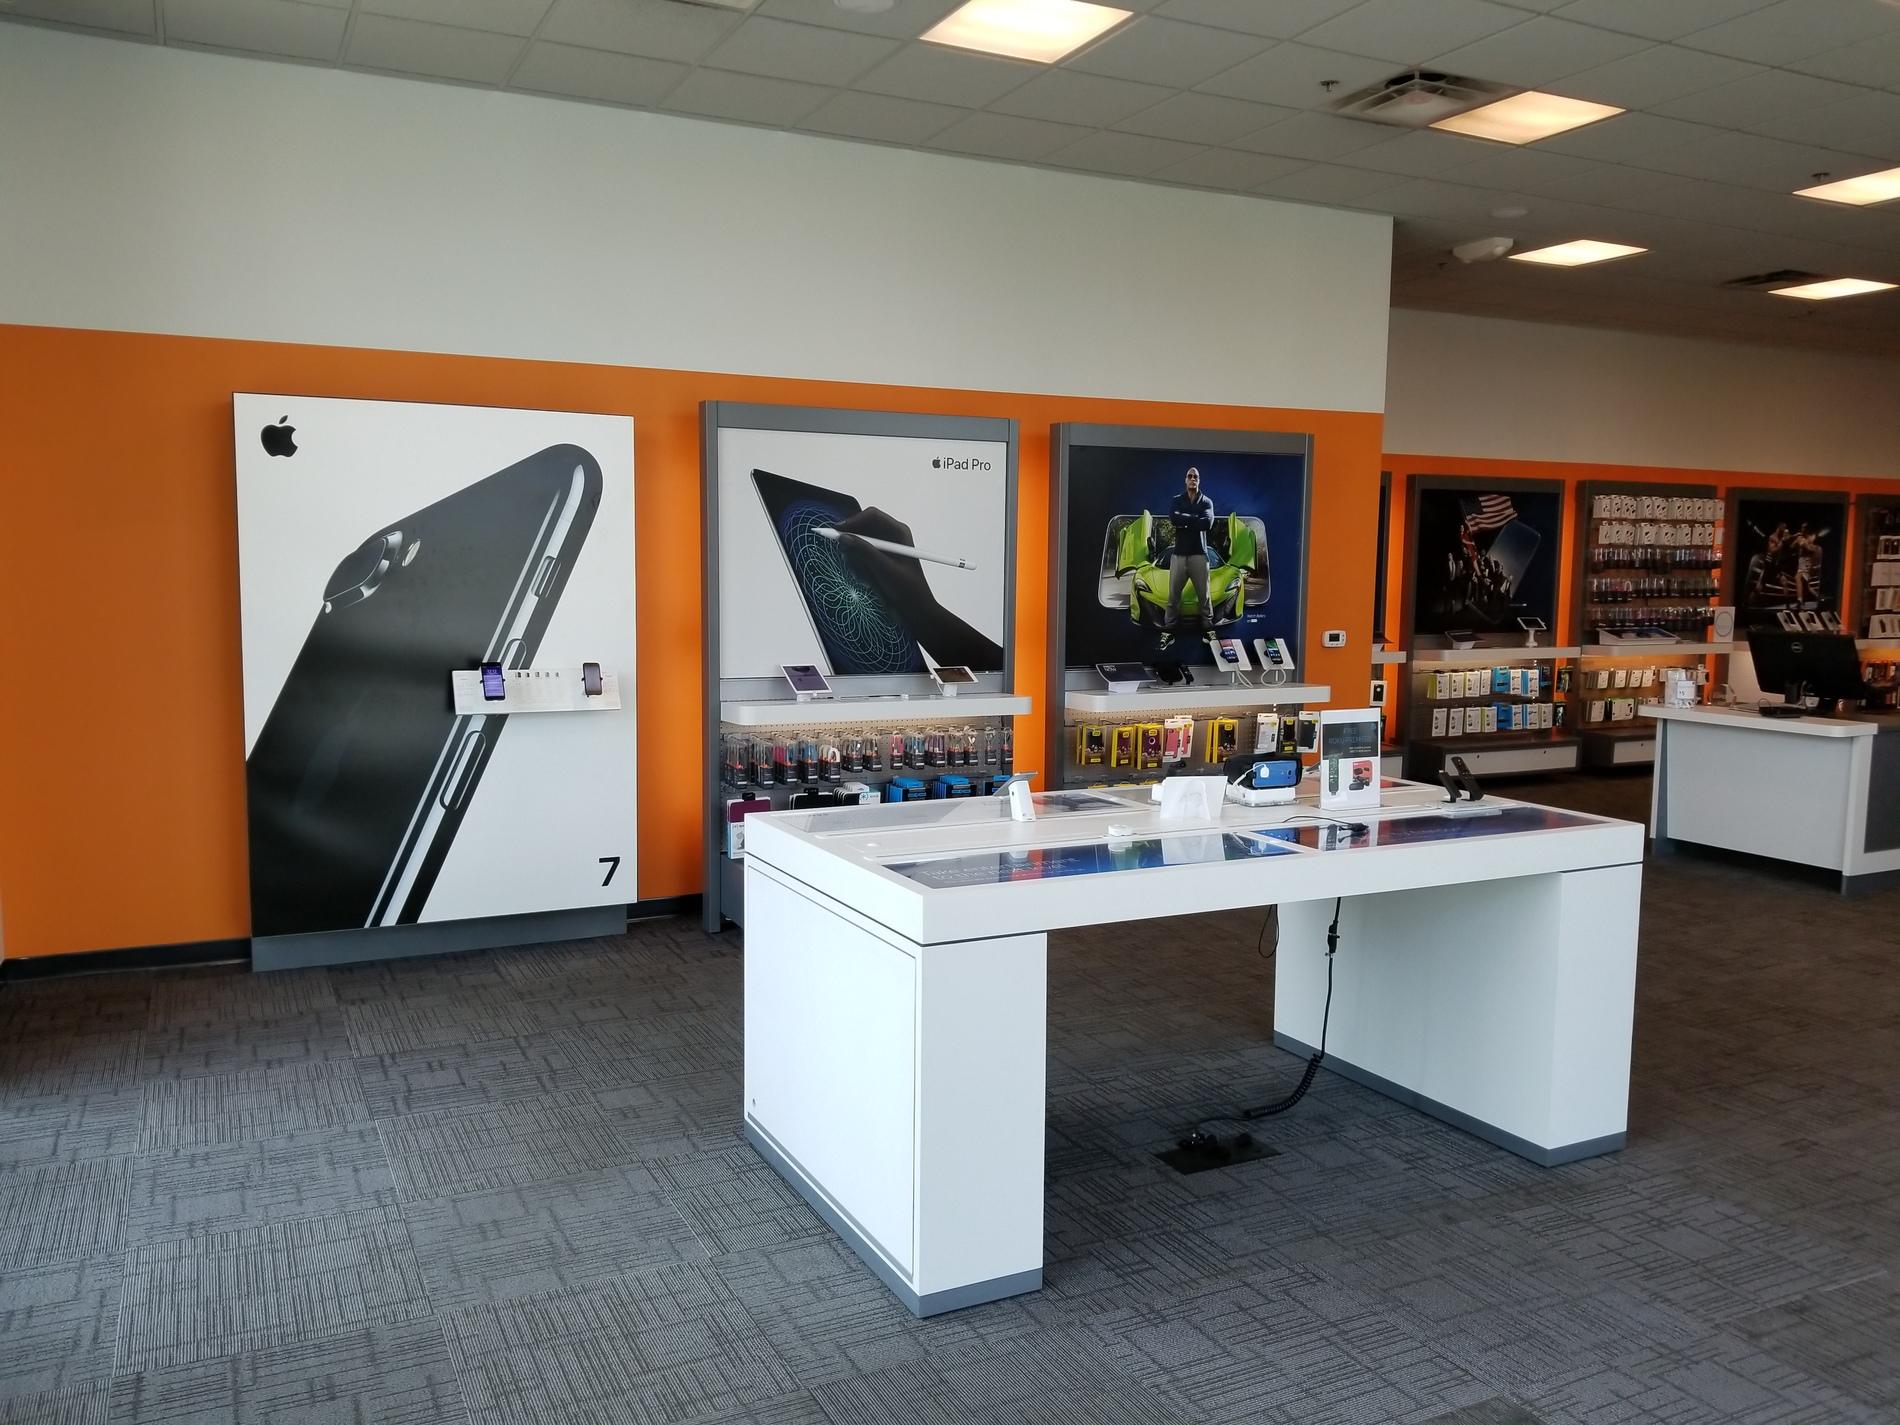 Att Store 3603 S 2700 W West Valley City Ut Att Experience